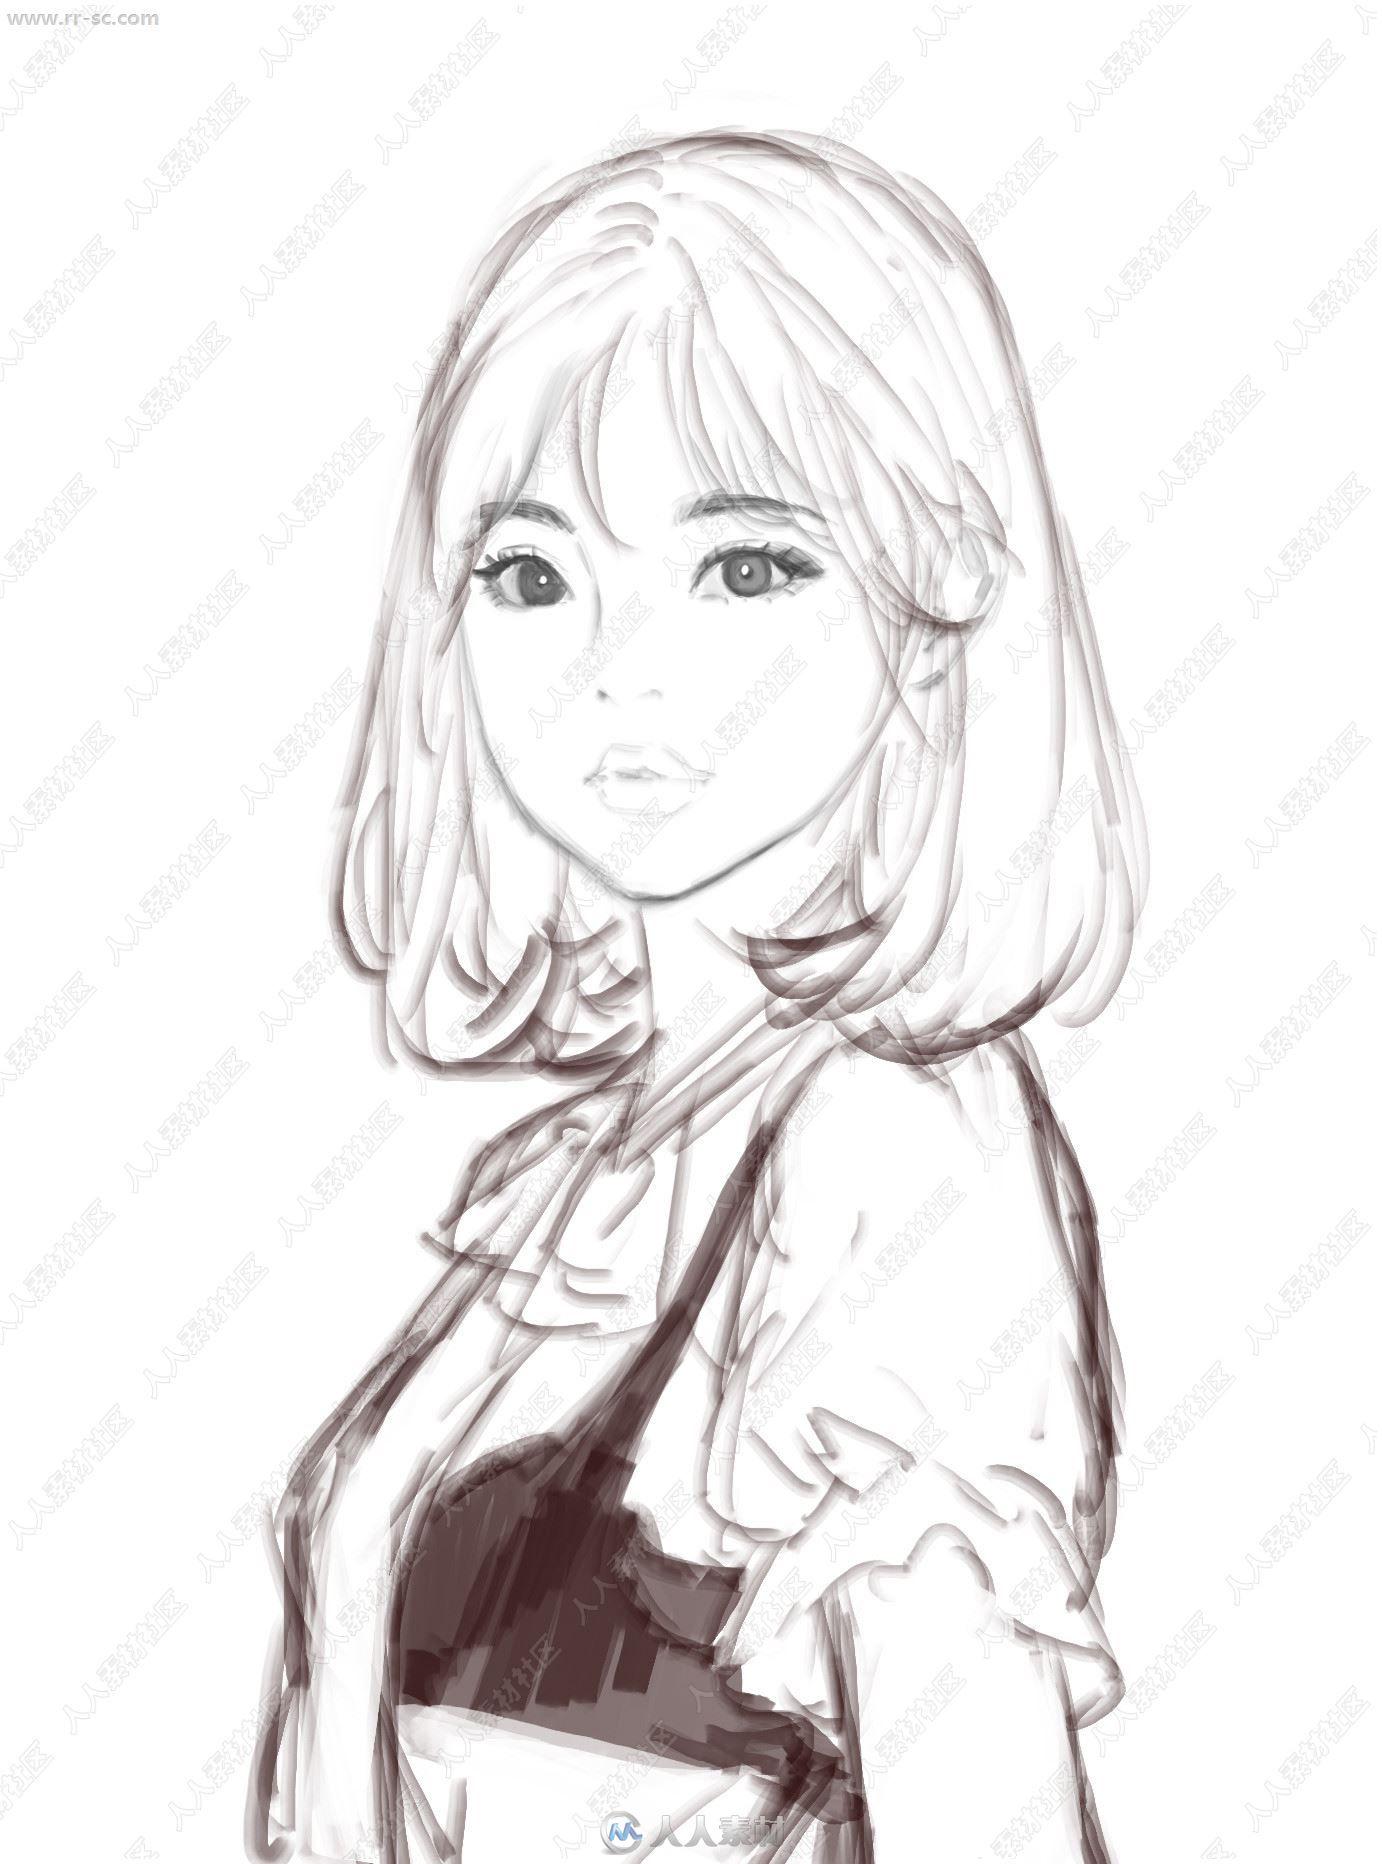 韩国插画师Ham Sung-Chou插画CG作品原画插画